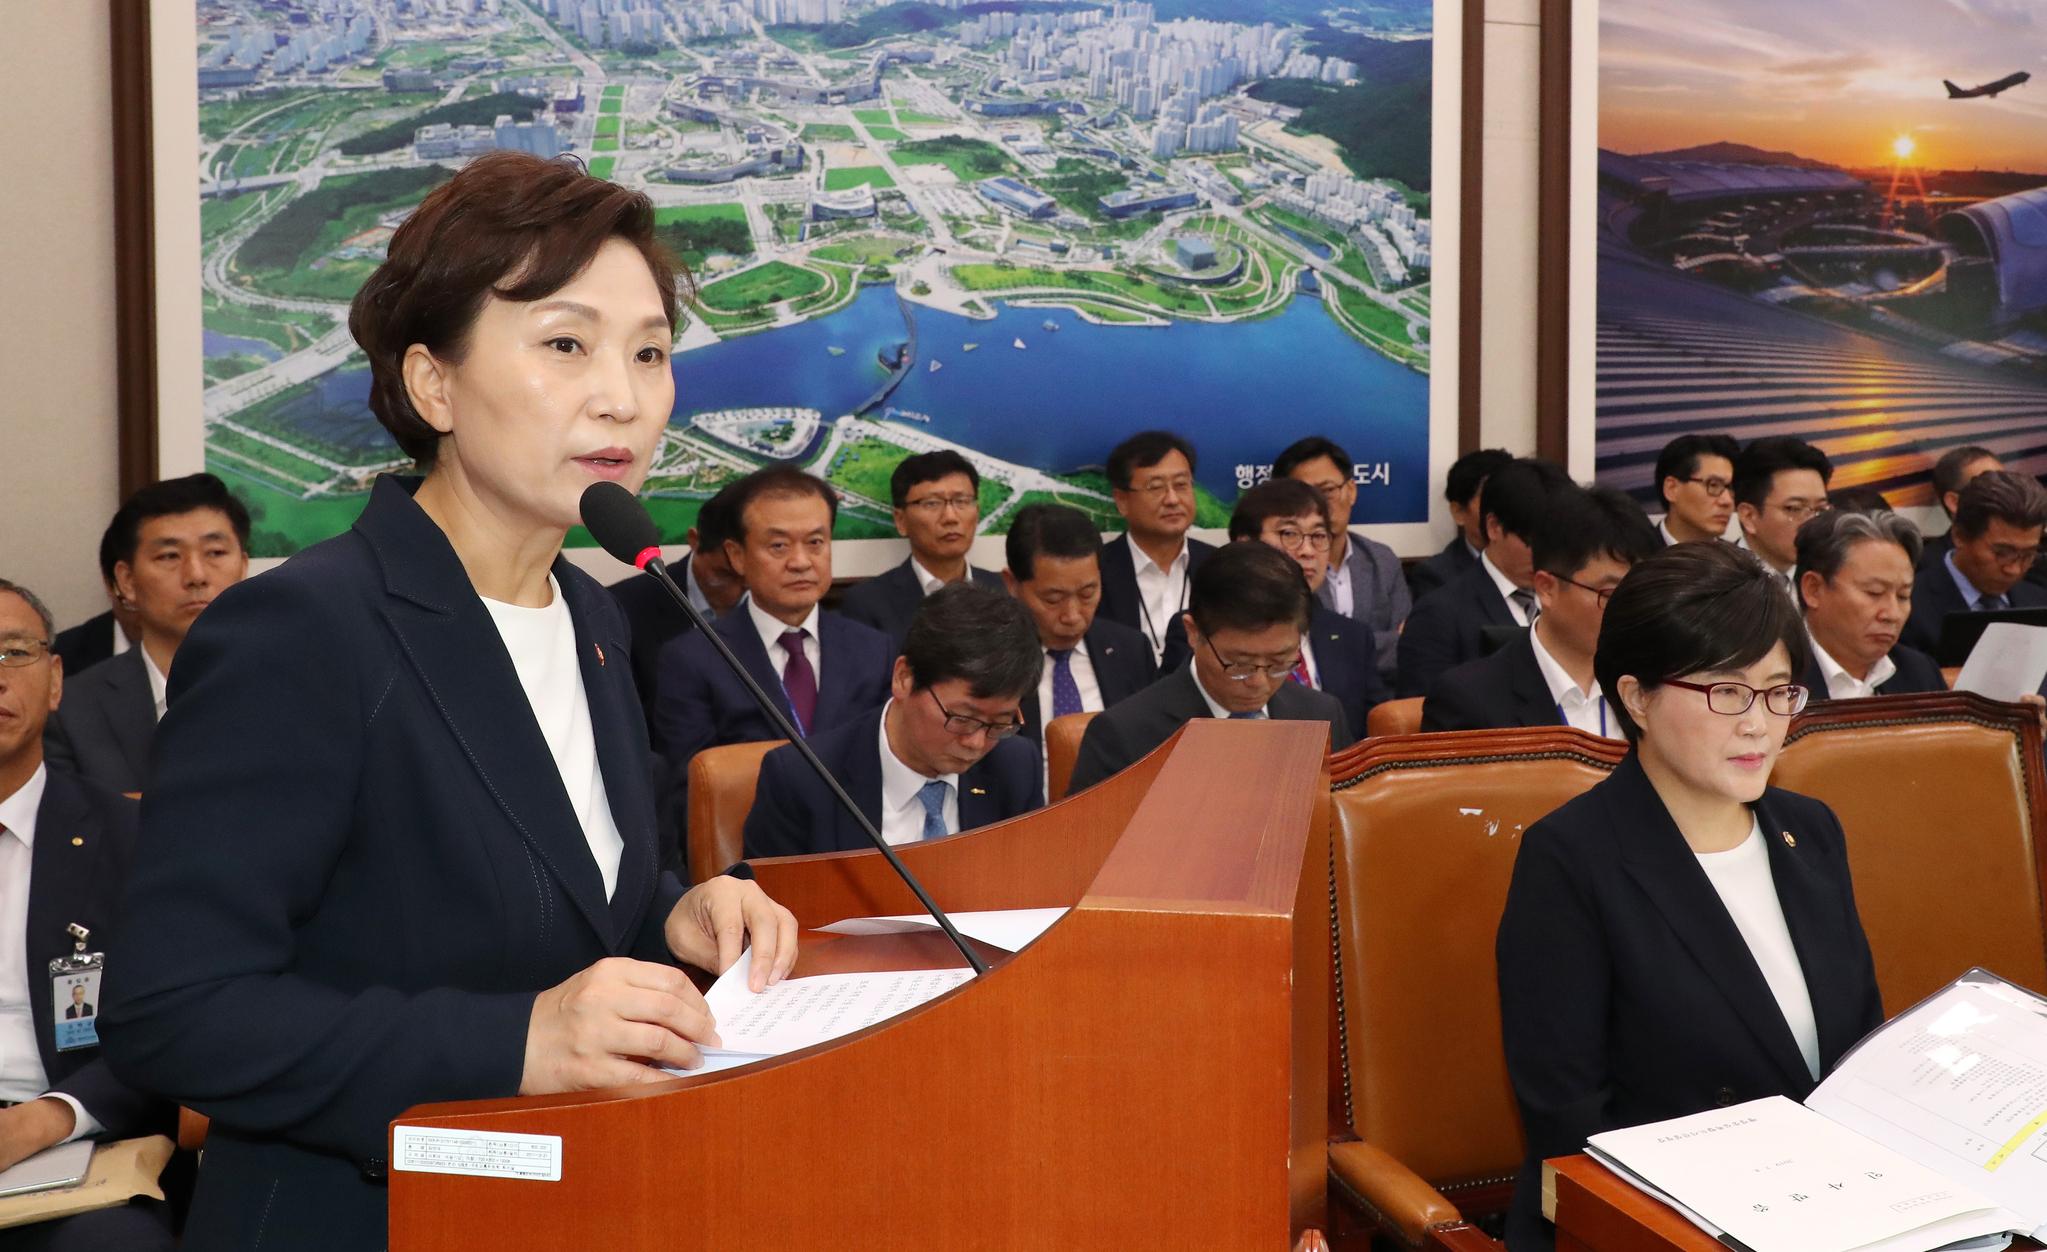 김현미 국토교통부 장관(왼쪽)이 8일 오전 열린 국회 국토교통위원회 전체회의에서 제안 설명하고 있다. [연합뉴스]